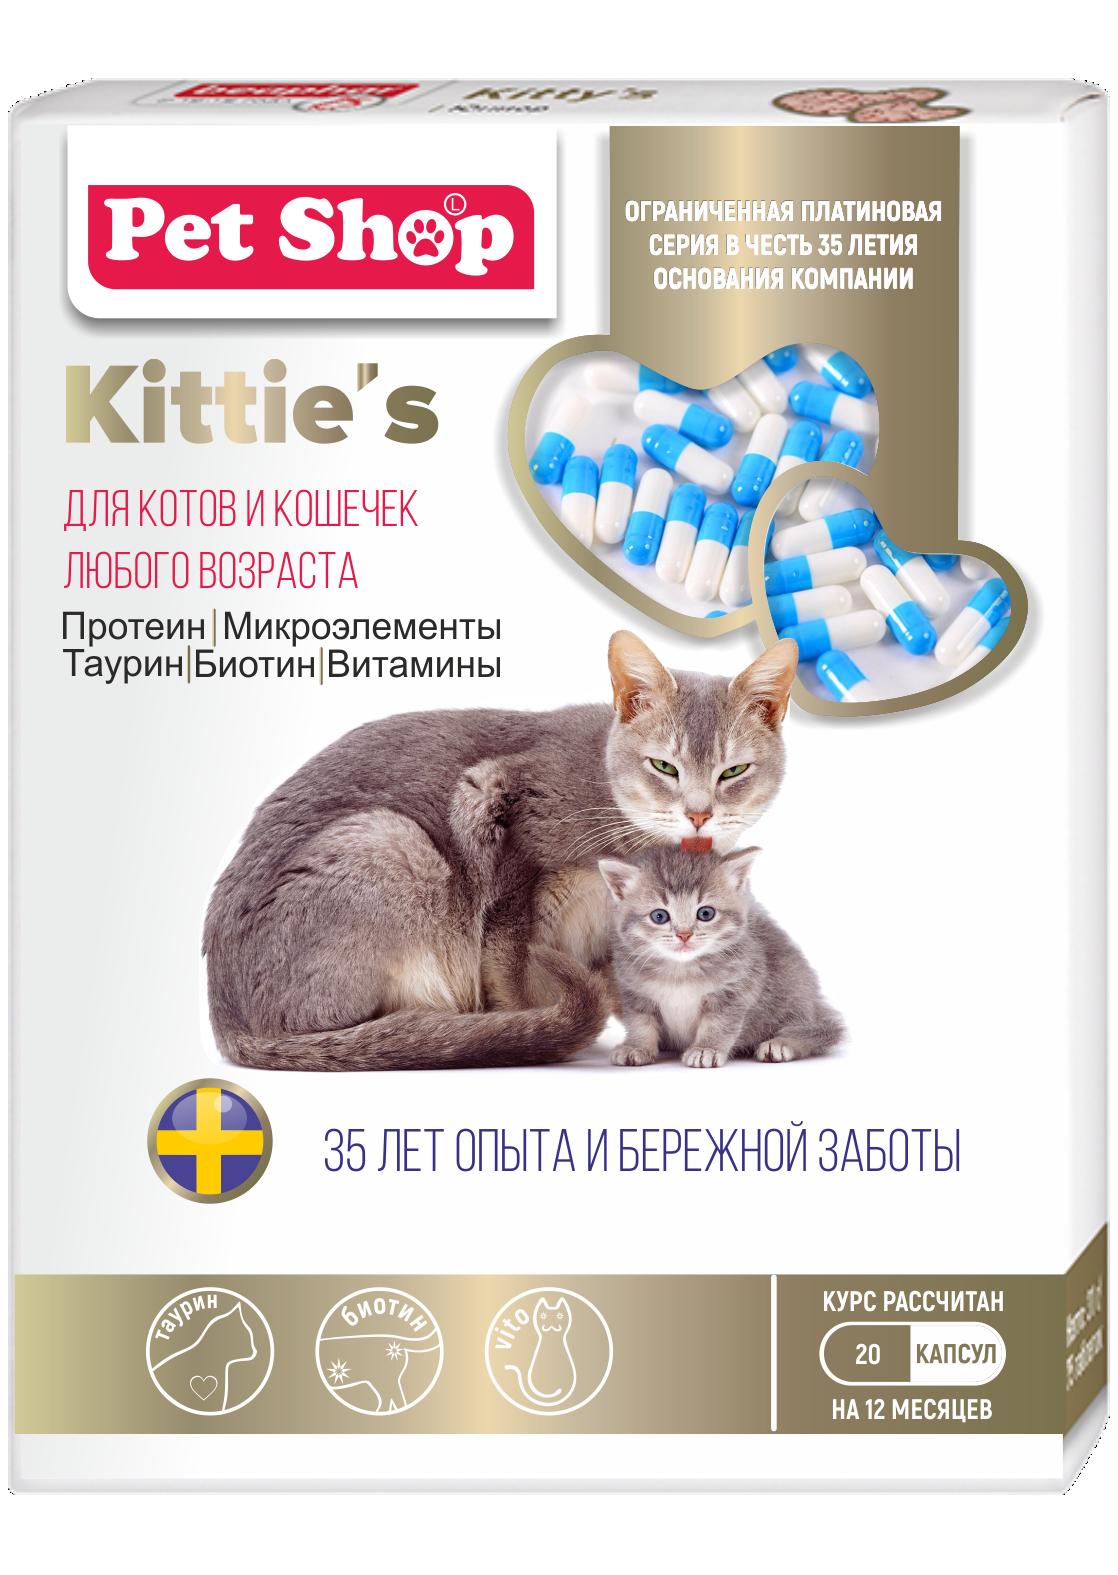 Коробка витамины для животных